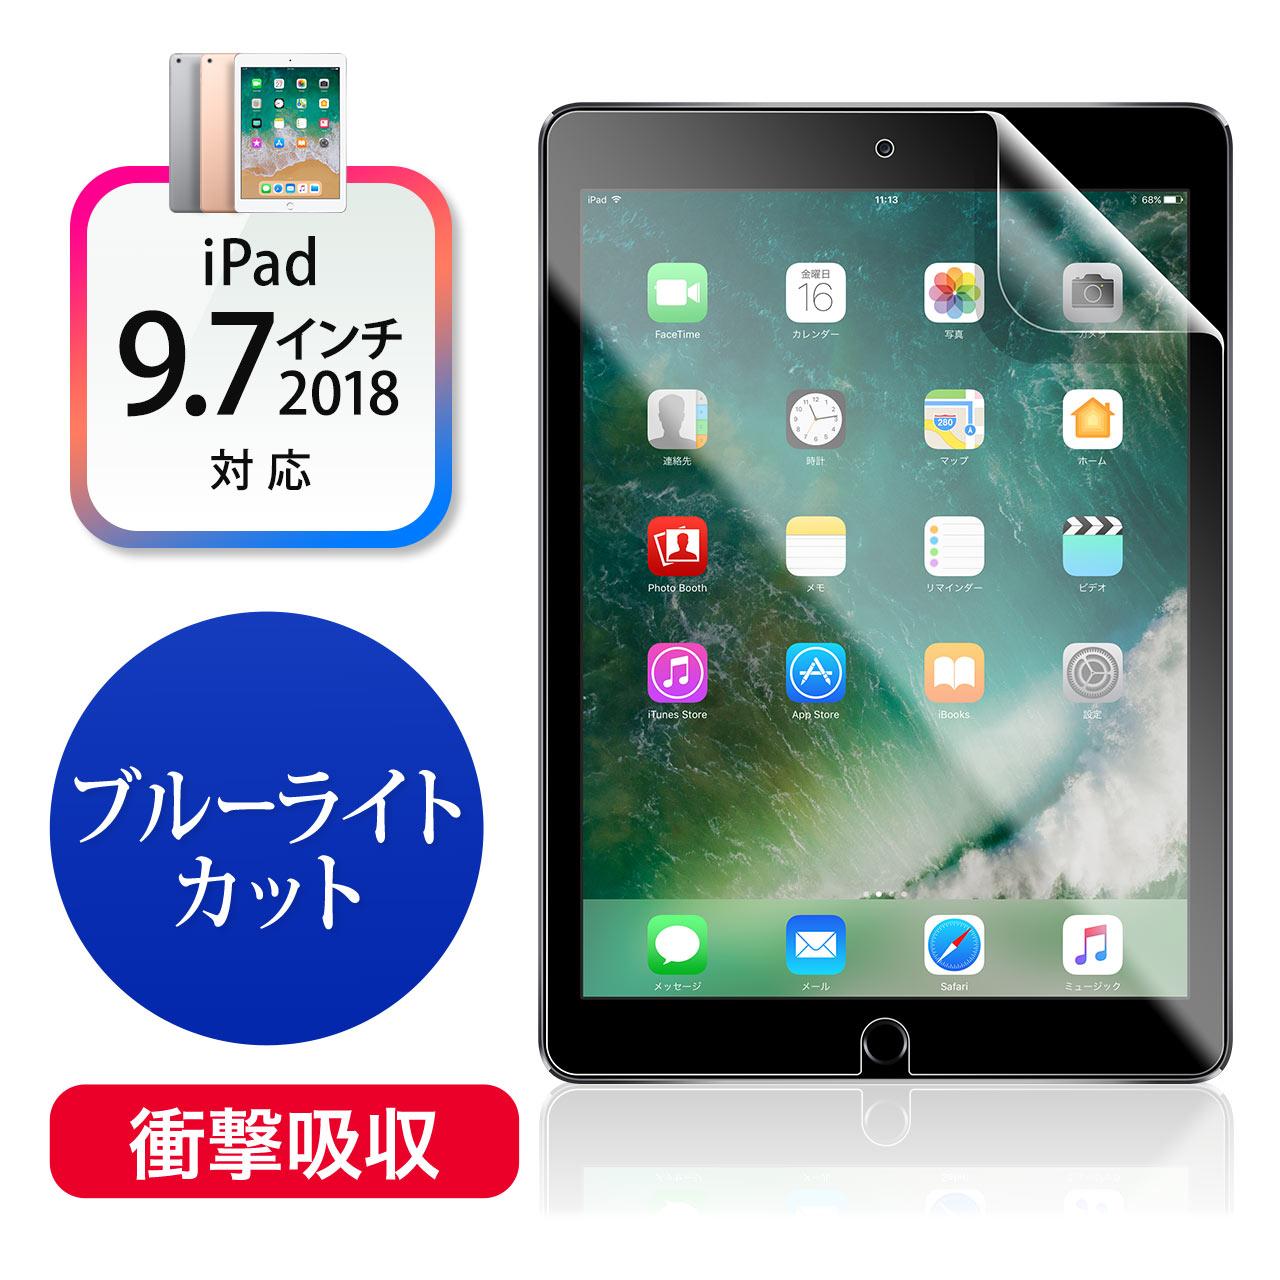 9.7インチiPad Pro/9.7インチiPad(2018/2017)/iPad Air2/Air衝撃吸収ブルーライトカットフィルム(硬度3H・抗菌・反射防止・指紋防止) サンワダイレクト サンワサプライ 200-LCD048S